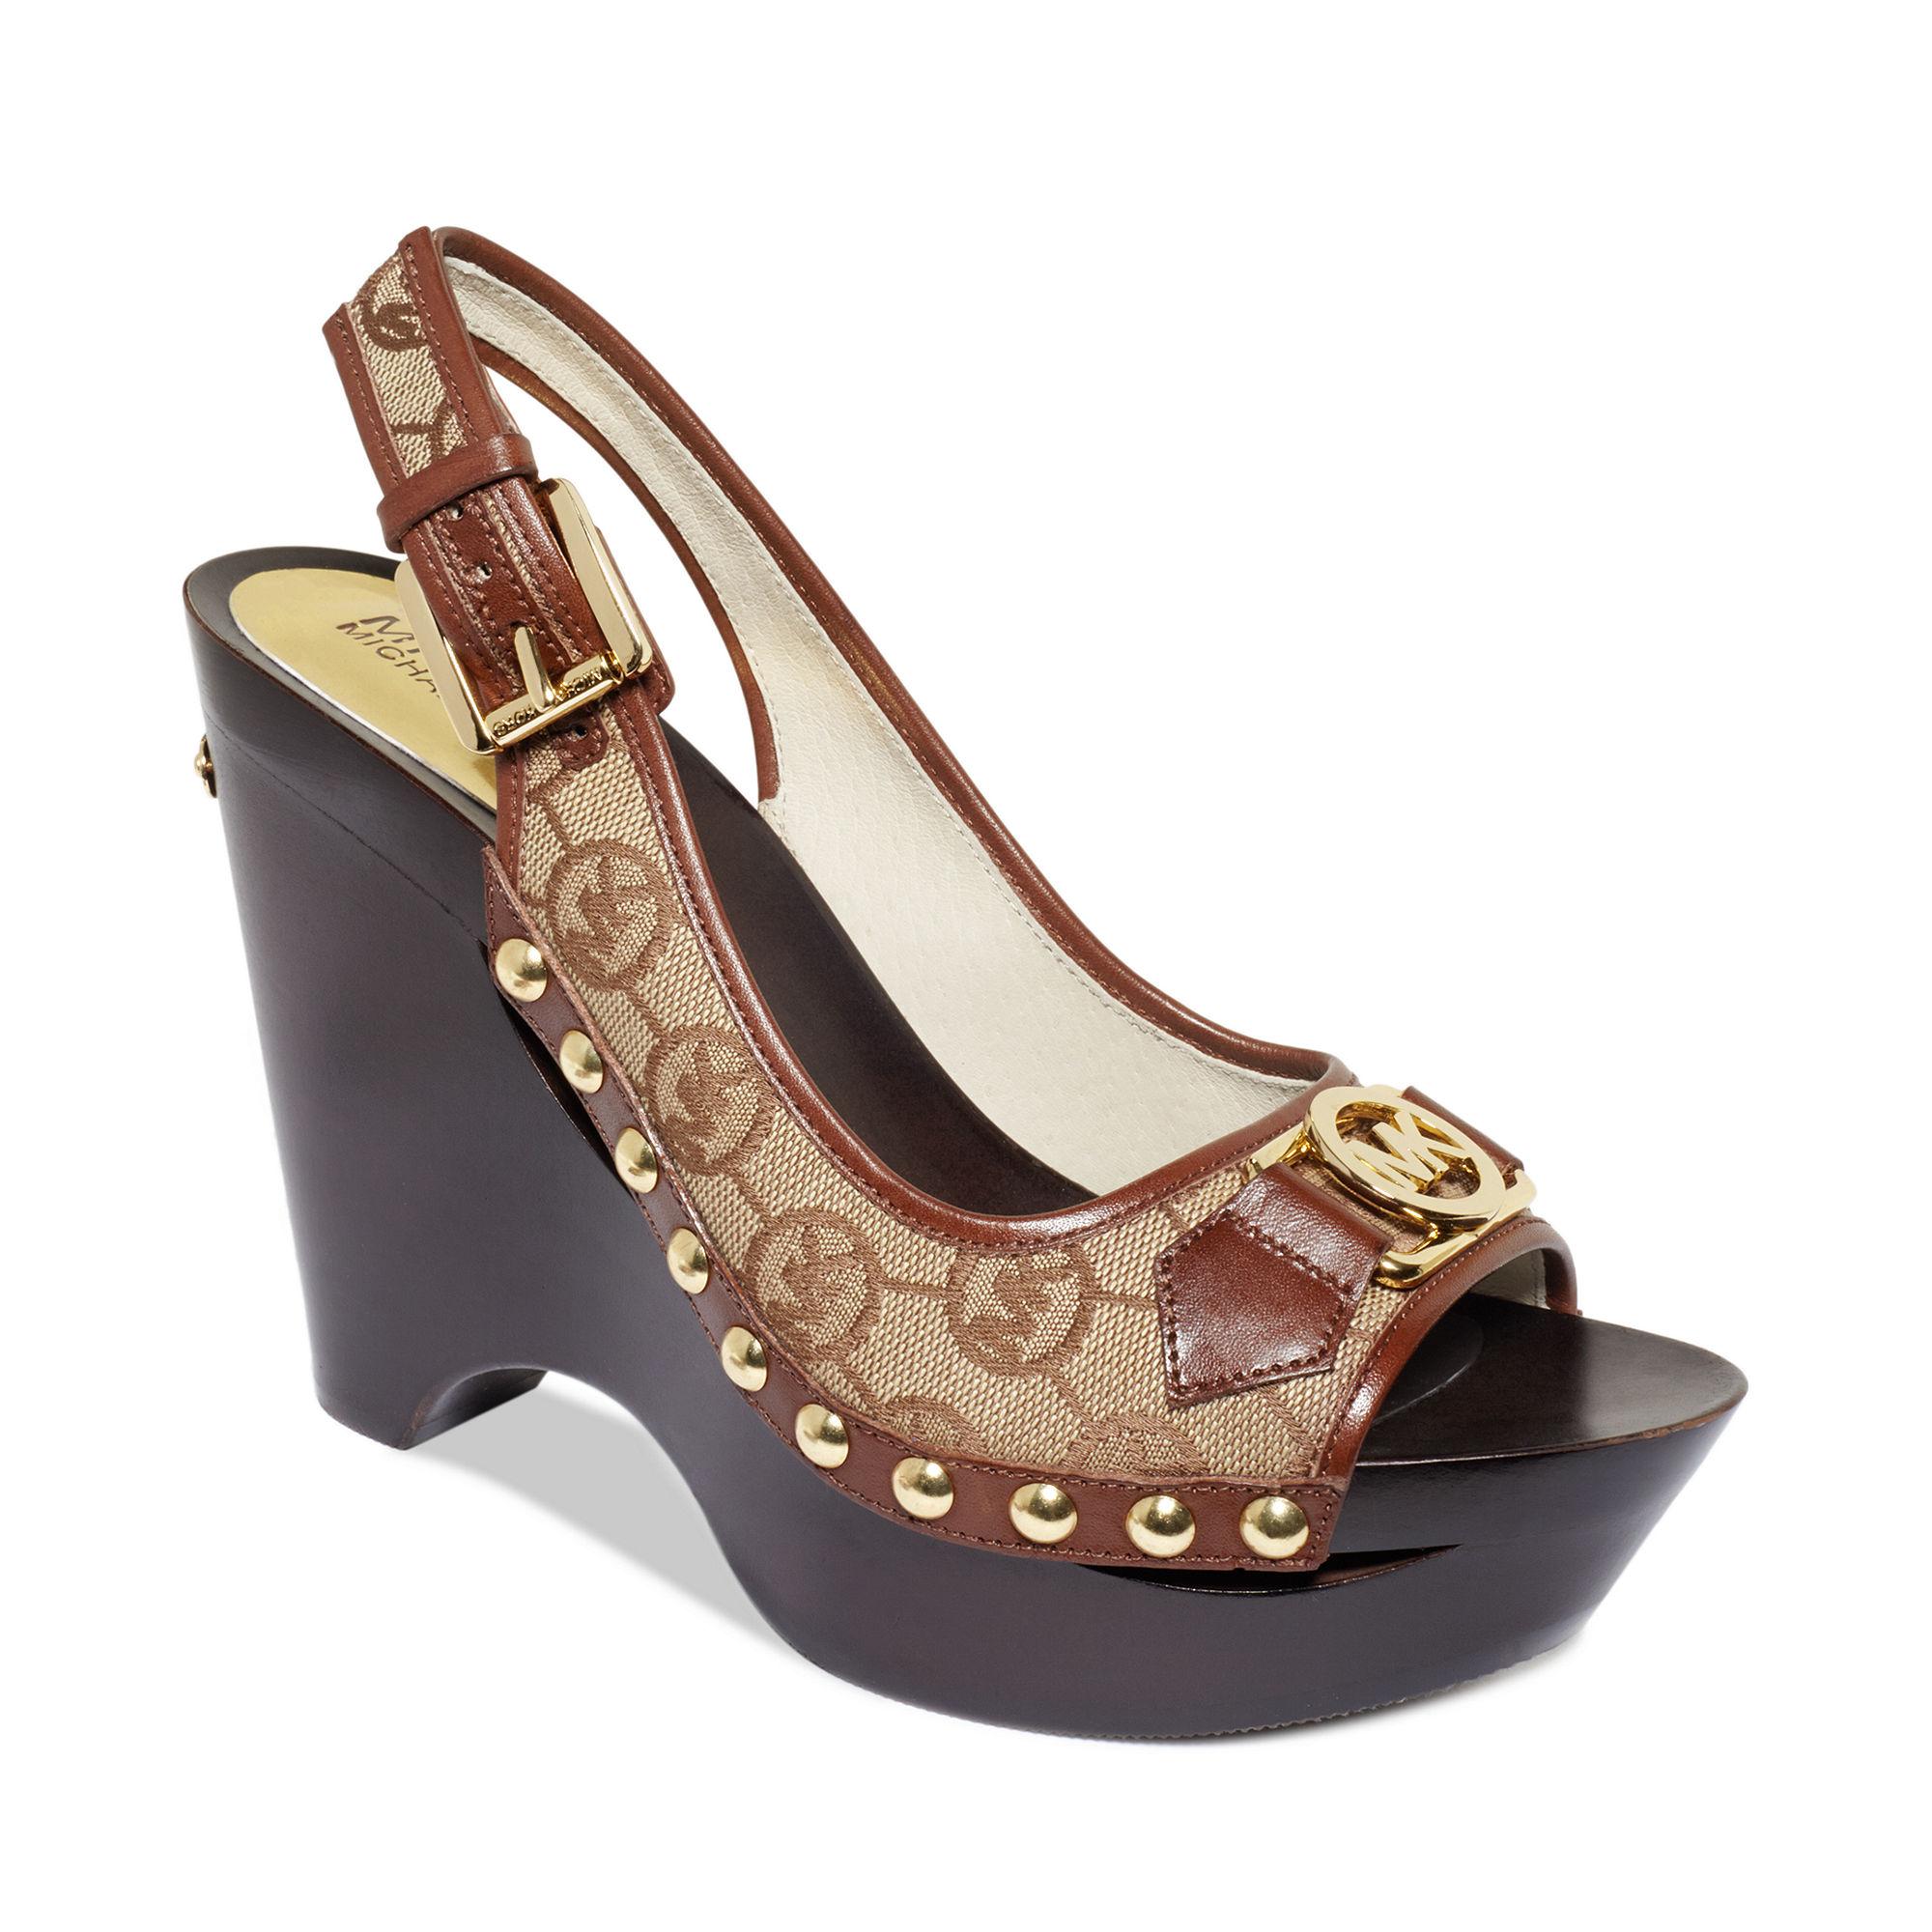 Michael Kors Charm Platform Wedge Sandals In Brown Dark